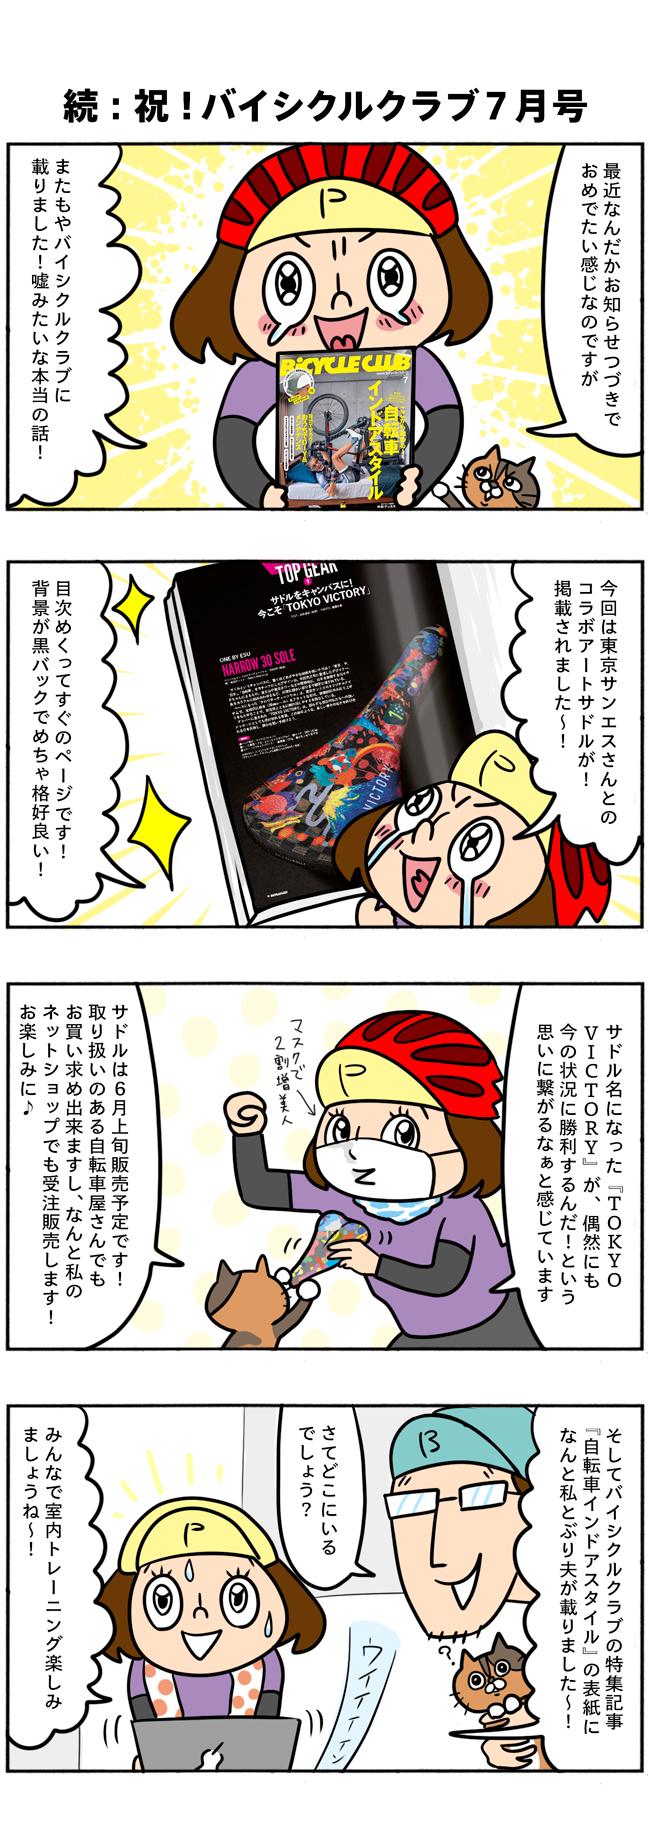 アートなサドル!7月号のバイシクルクラブにまたもや載りました!東京サンエスコラボサドルと特集記事に注目せよ